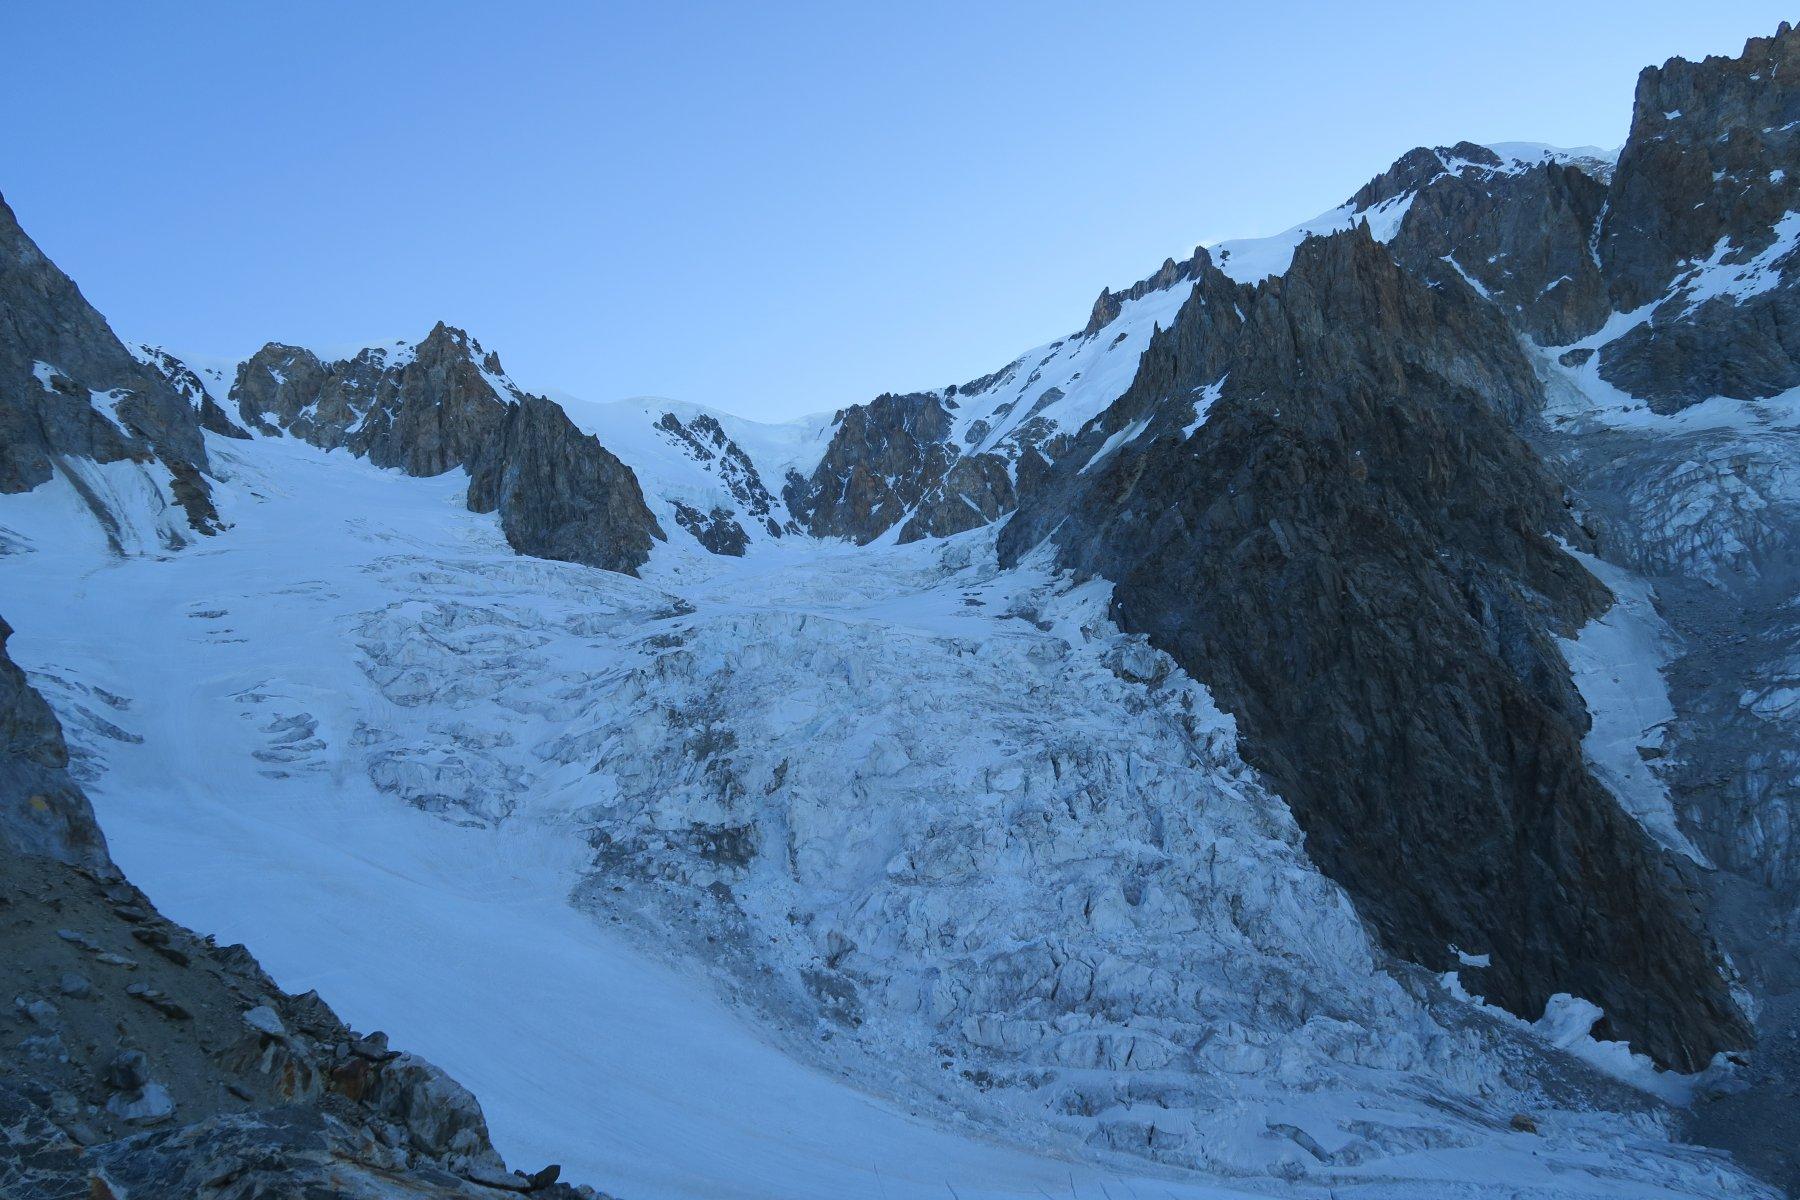 sulla sinistra il ghiacciaio da risalire al momento ancora abbastanza chiuso